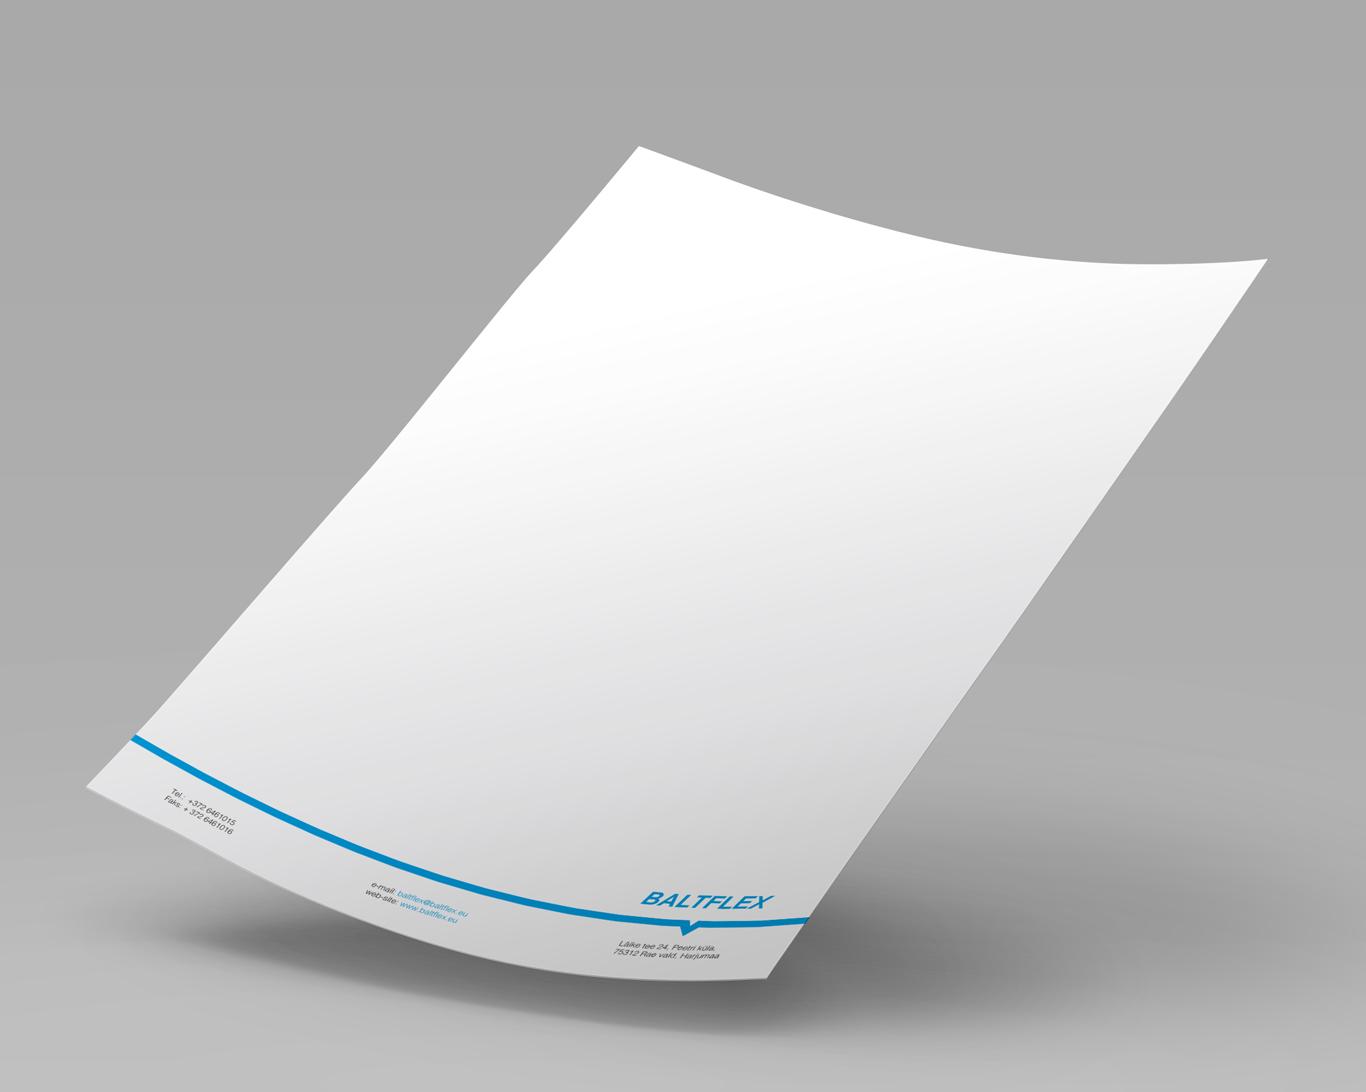 baltflex-blank